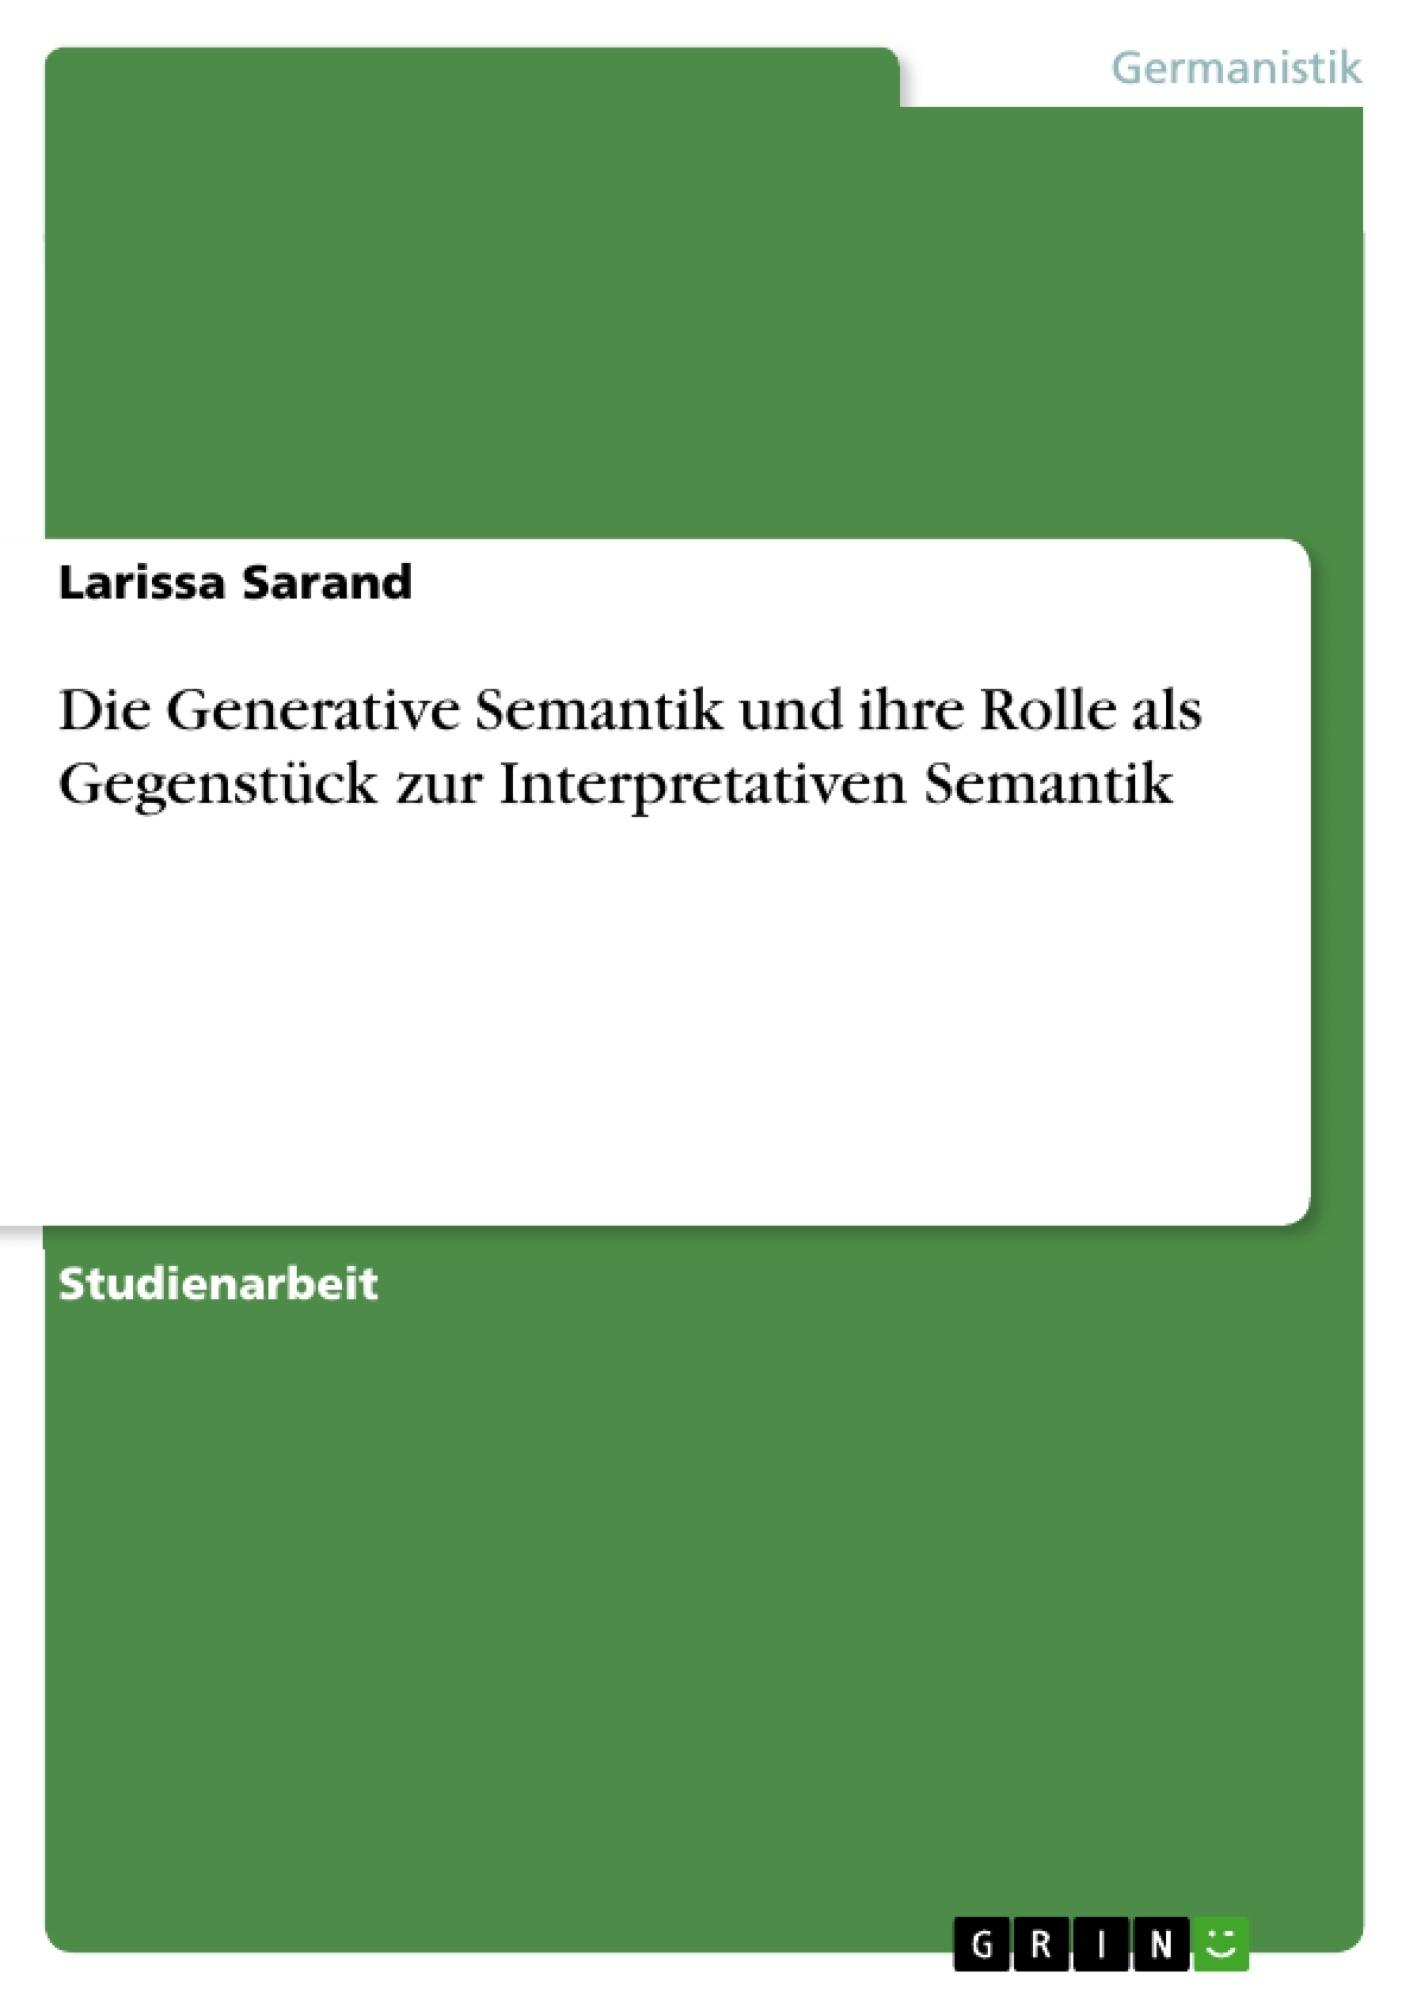 Titel: Die Generative Semantik und ihre Rolle als Gegenstück zur Interpretativen Semantik